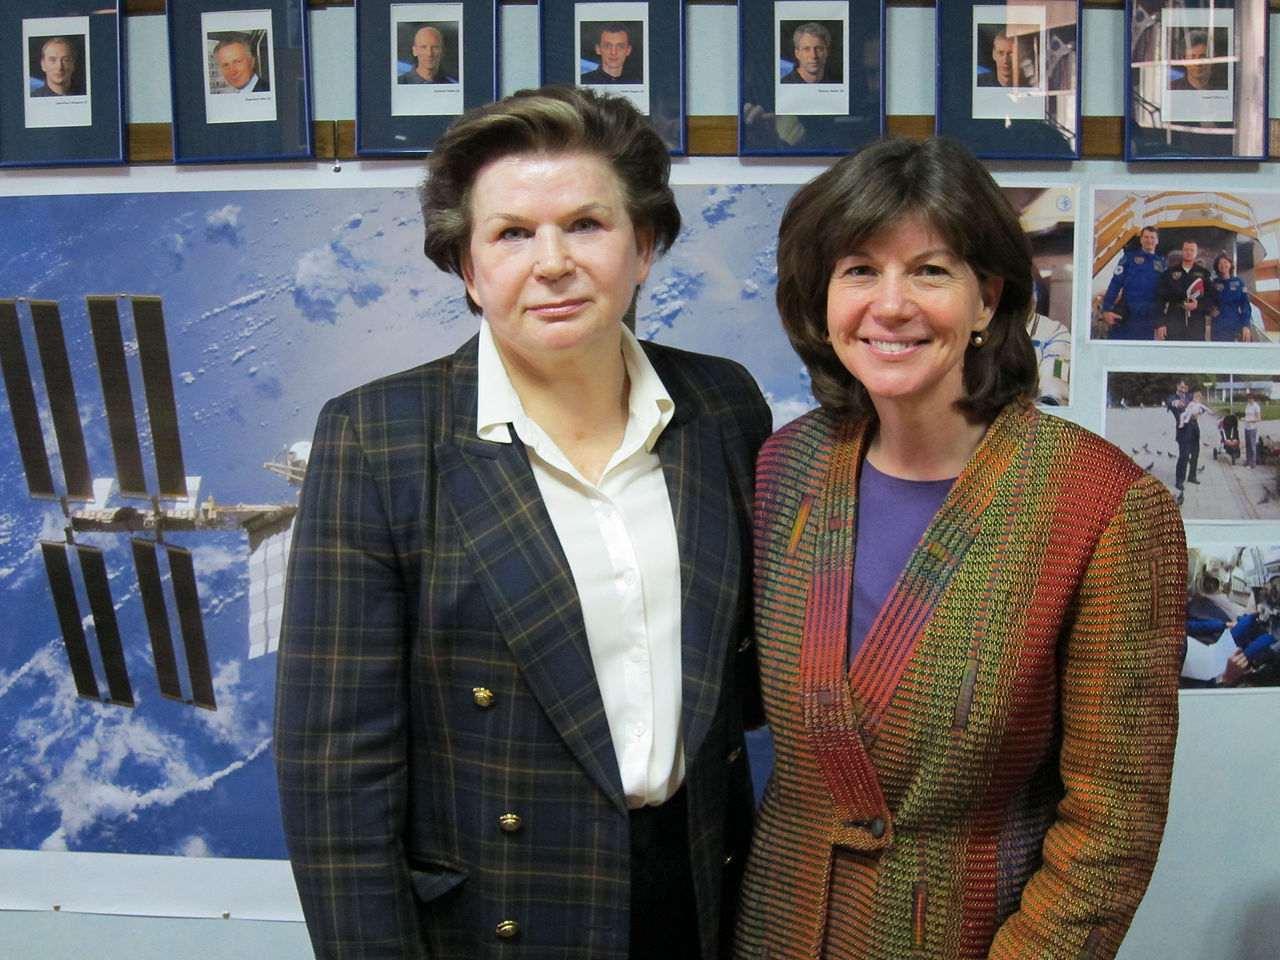 Valentina Tereshkova and Cady Coleman.